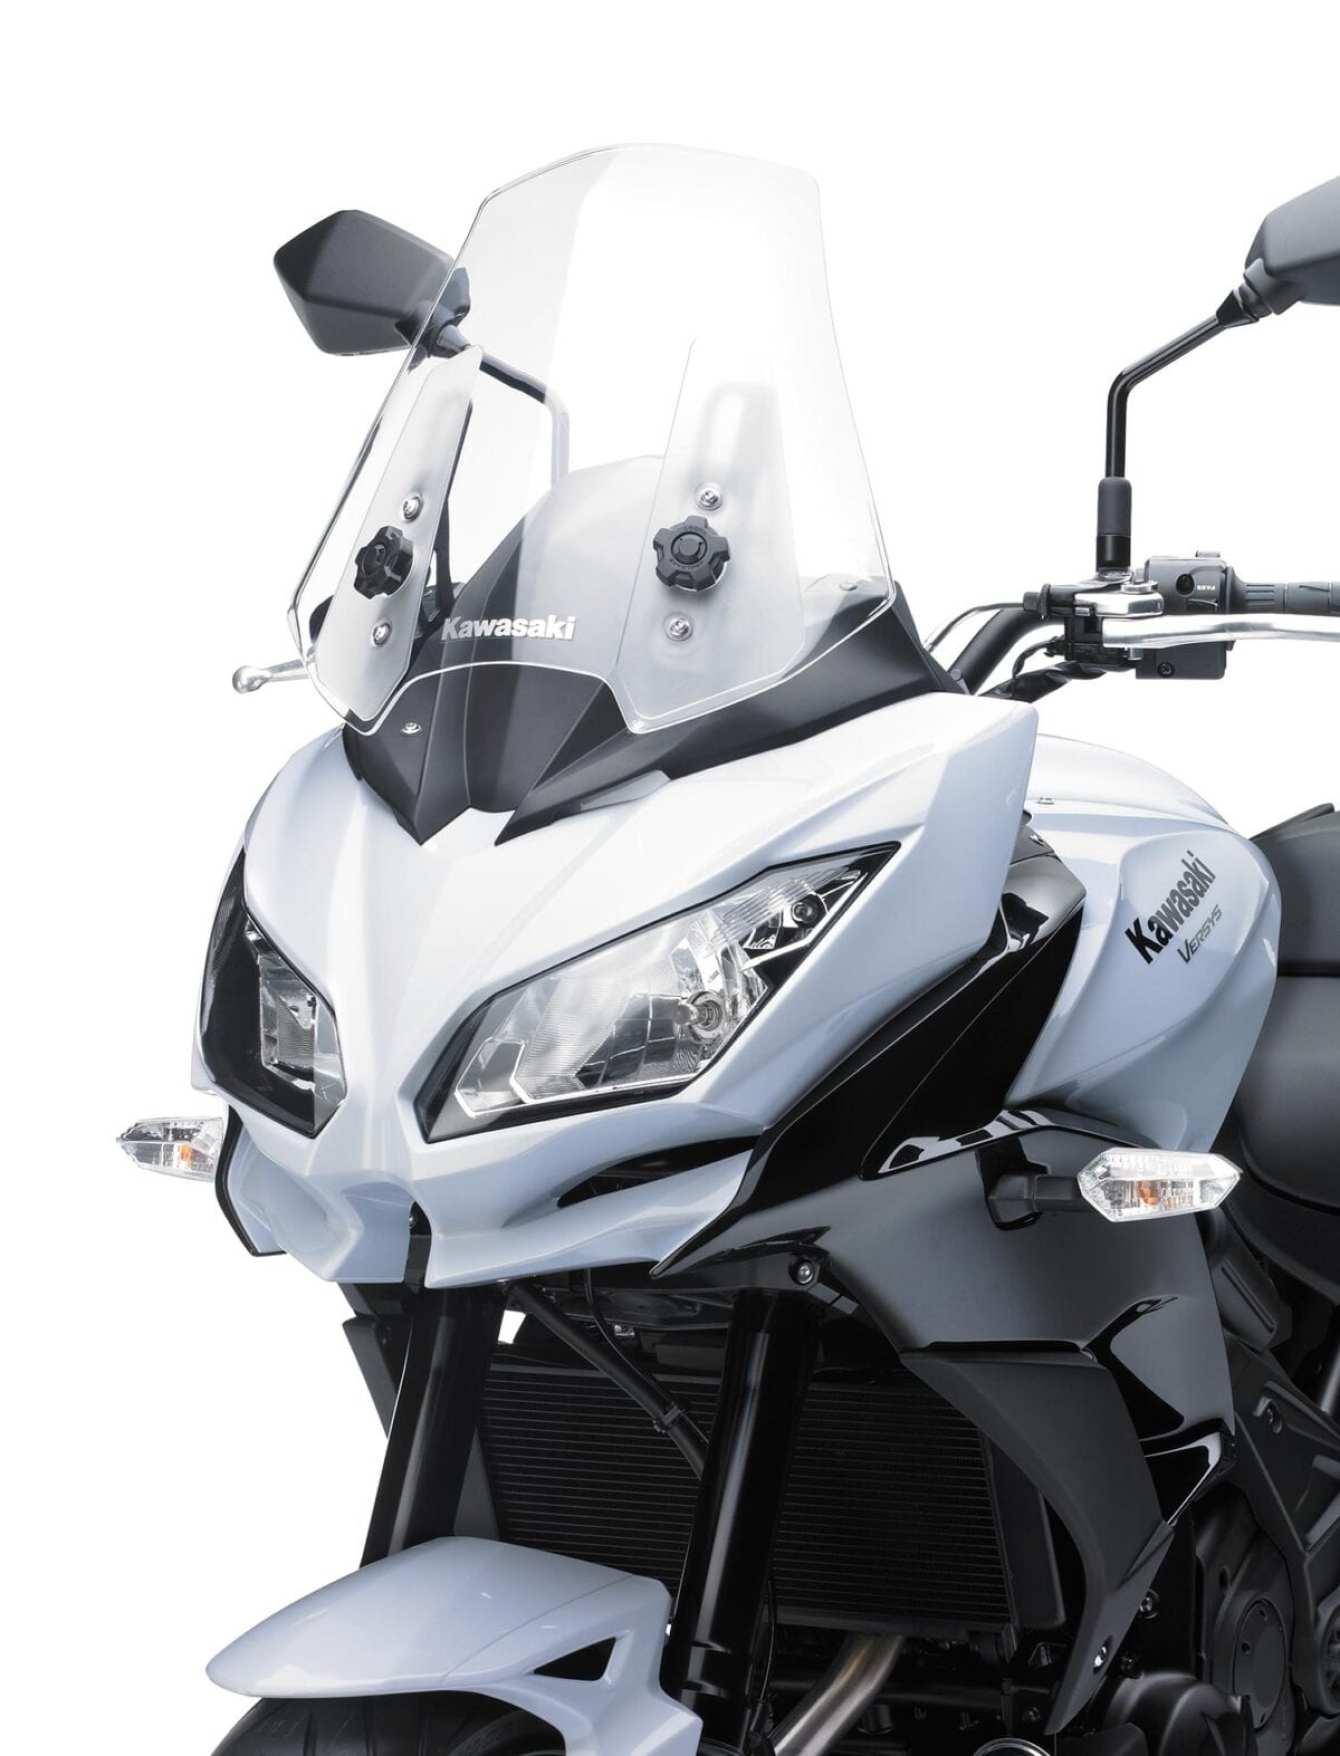 Kawasaki-Versys-650-0012